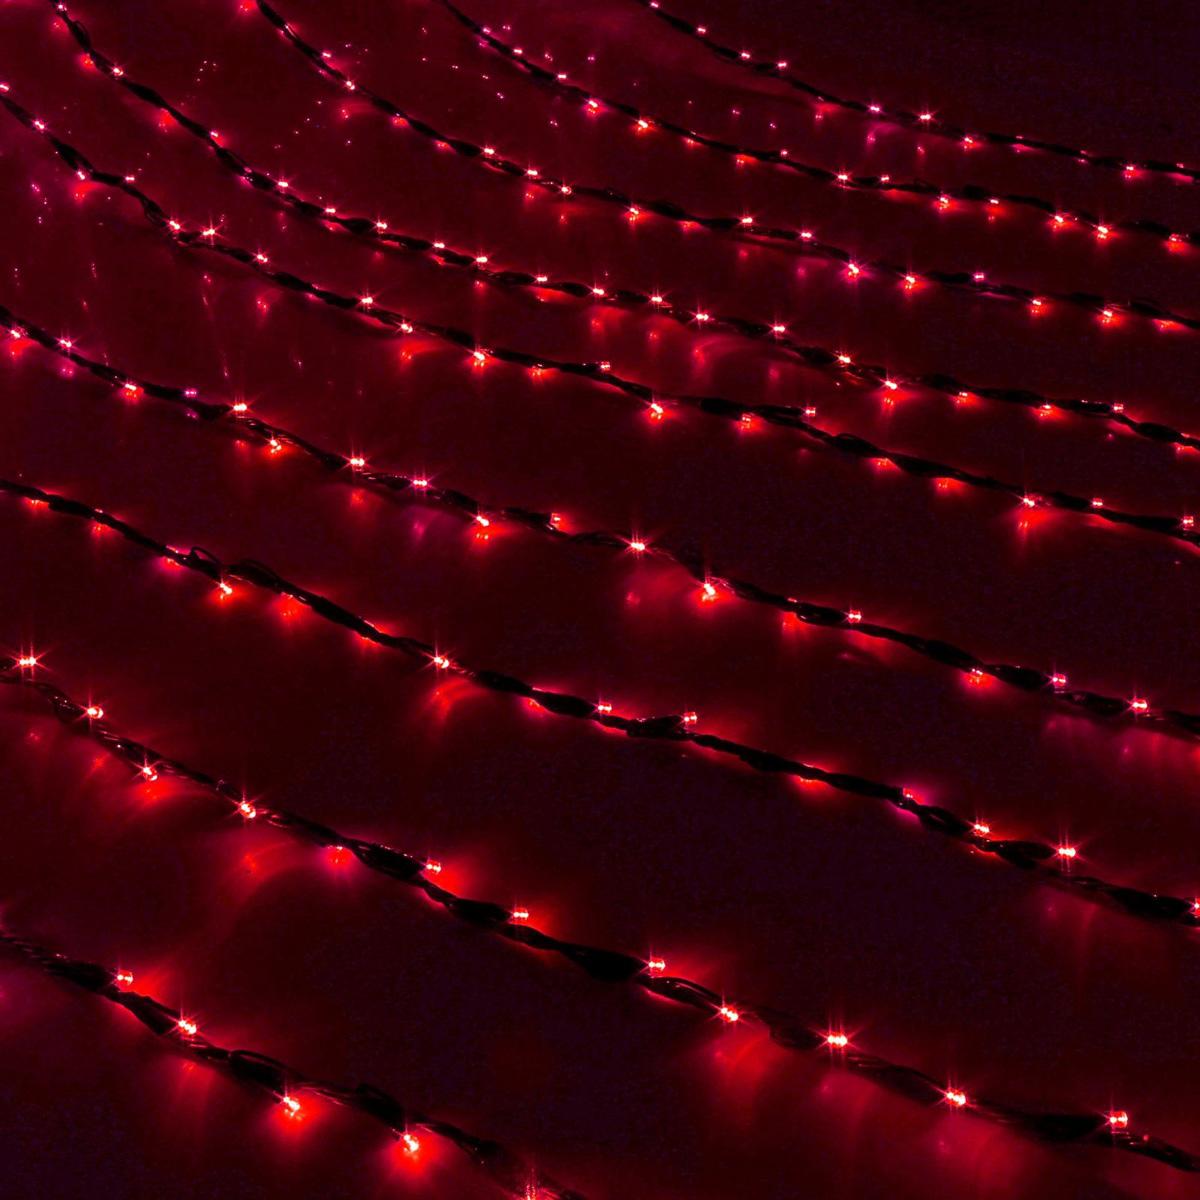 Гирлянда светодиодная Luazon Дождь, уличная, 8 режимов, 1500 ламп, 220 V, цвет: красный, 2 х 6 м. 187312187312Светодиодные гирлянды, ленты и т.д — это отличный вариант для новогоднего оформления интерьера или фасада. С их помощью помещение любого размера можно превратить в праздничный зал, а внешние элементы зданий, украшенные ими, мгновенно станут напоминать очертания сказочного дворца. Такие украшения создают ауру предвкушения чуда. Деревья, фасады, витрины, окна и арки будто специально созданы, чтобы вы украсили их светящимися нитями.